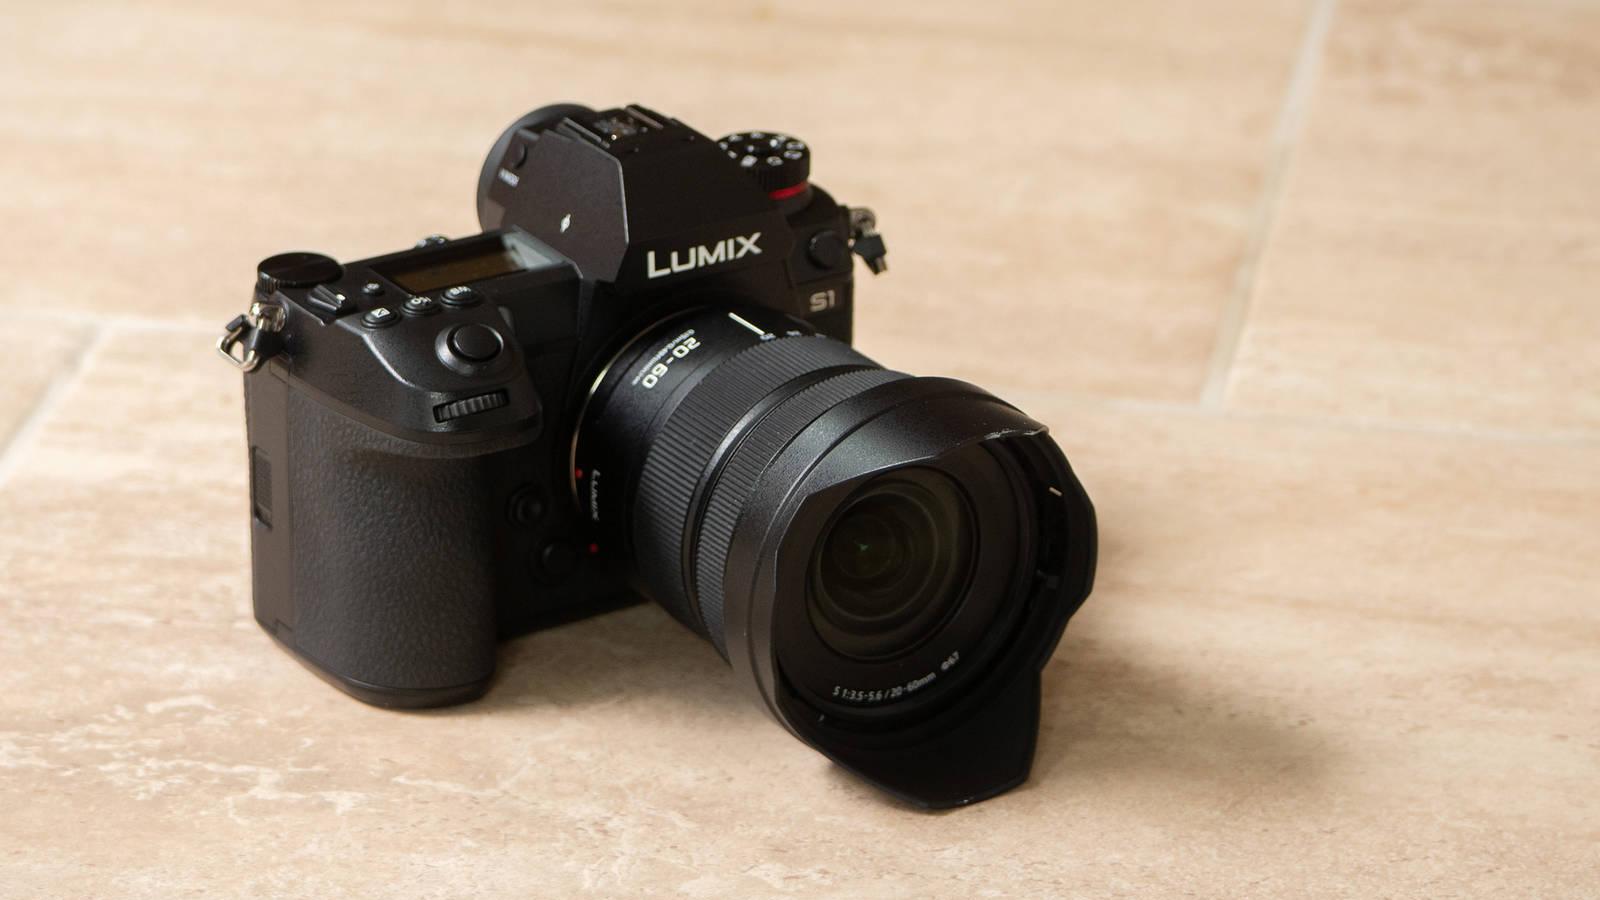 Объектив Panasonic Lumix S 20-60mm f/3.5-5.6 с камерой Panasonic Lumix S1